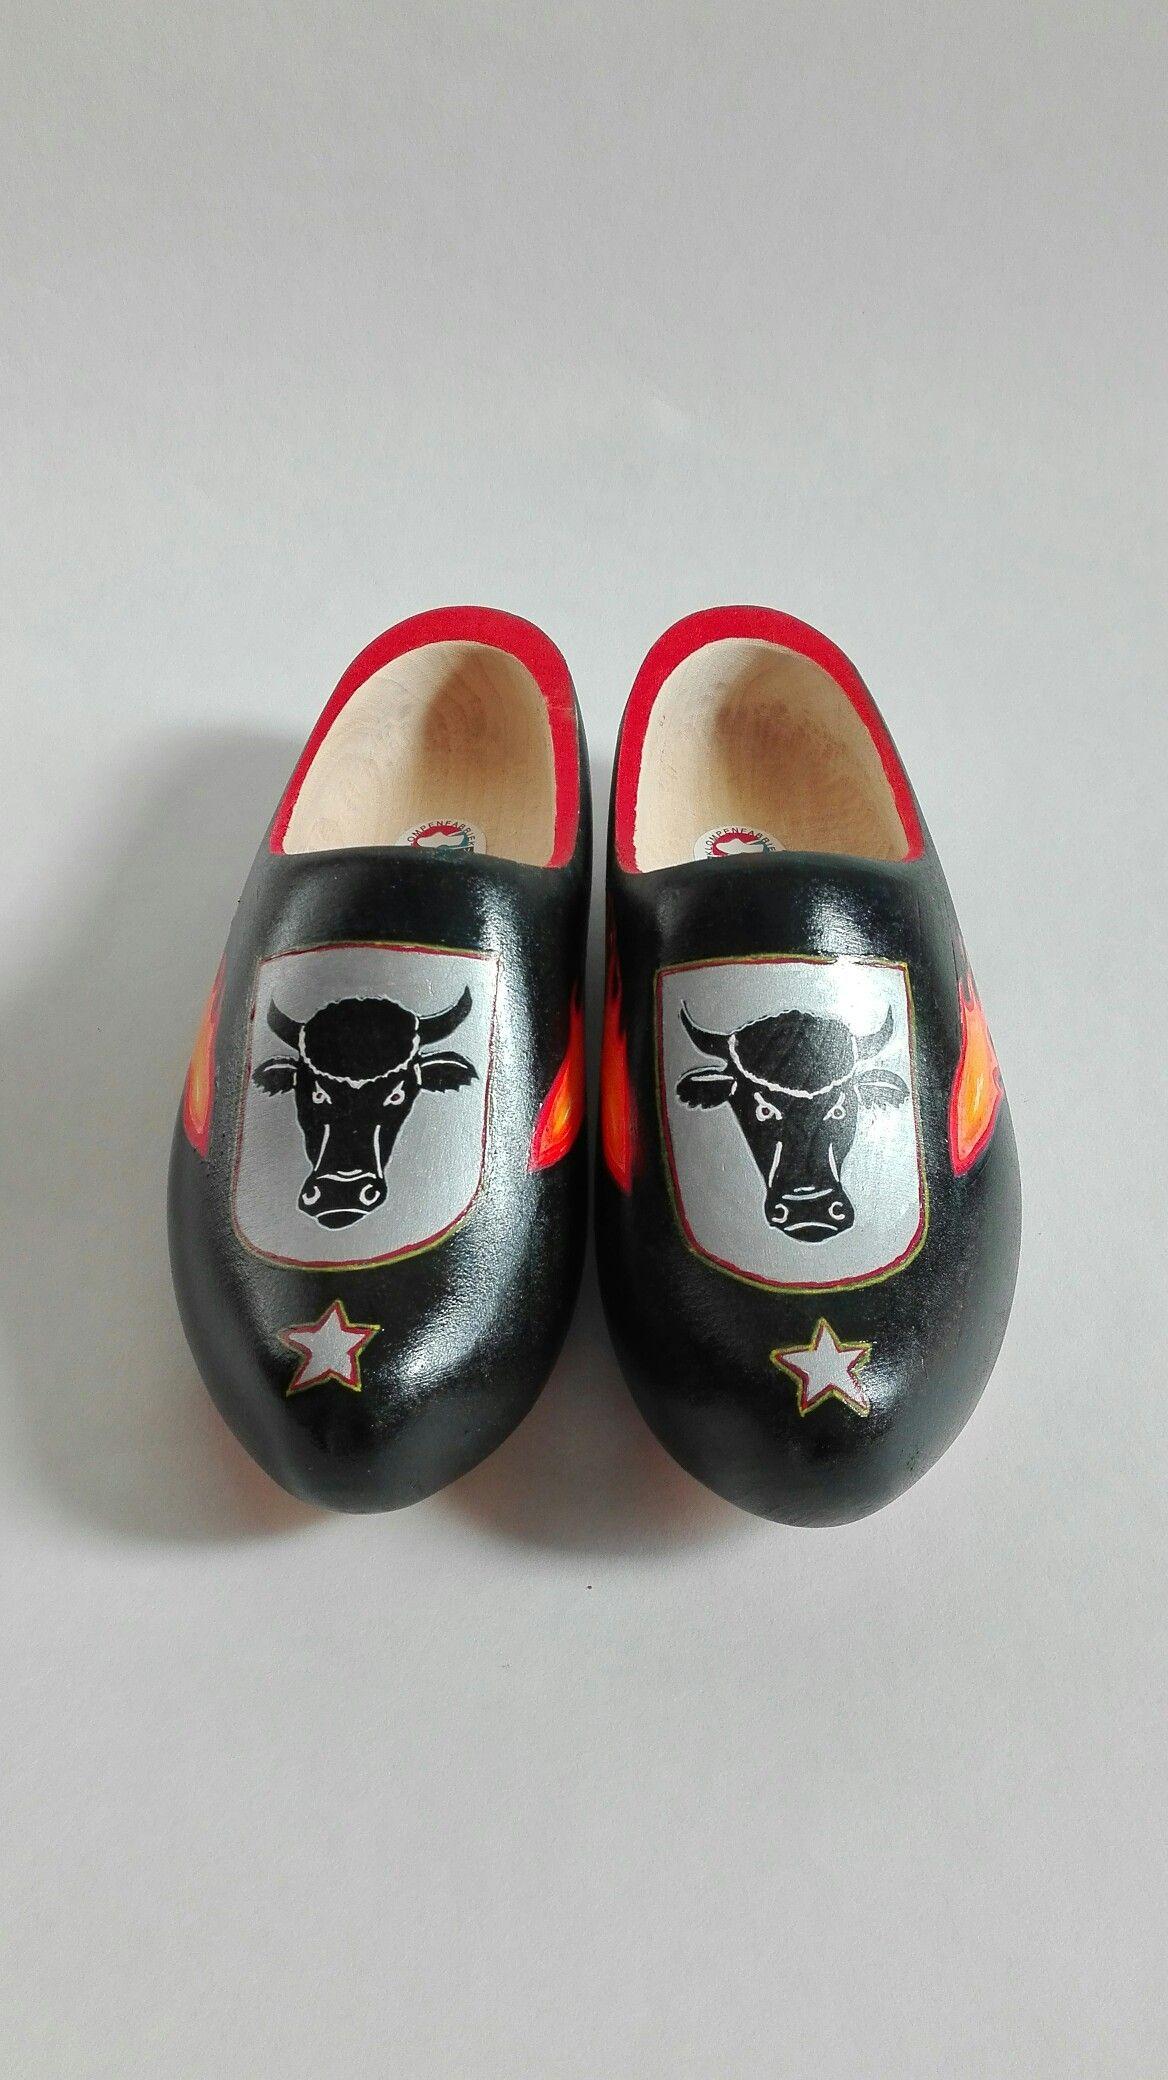 Holzschuhe vom Niederrhein   Schuhe bemalen   Pinterest   Schuhe